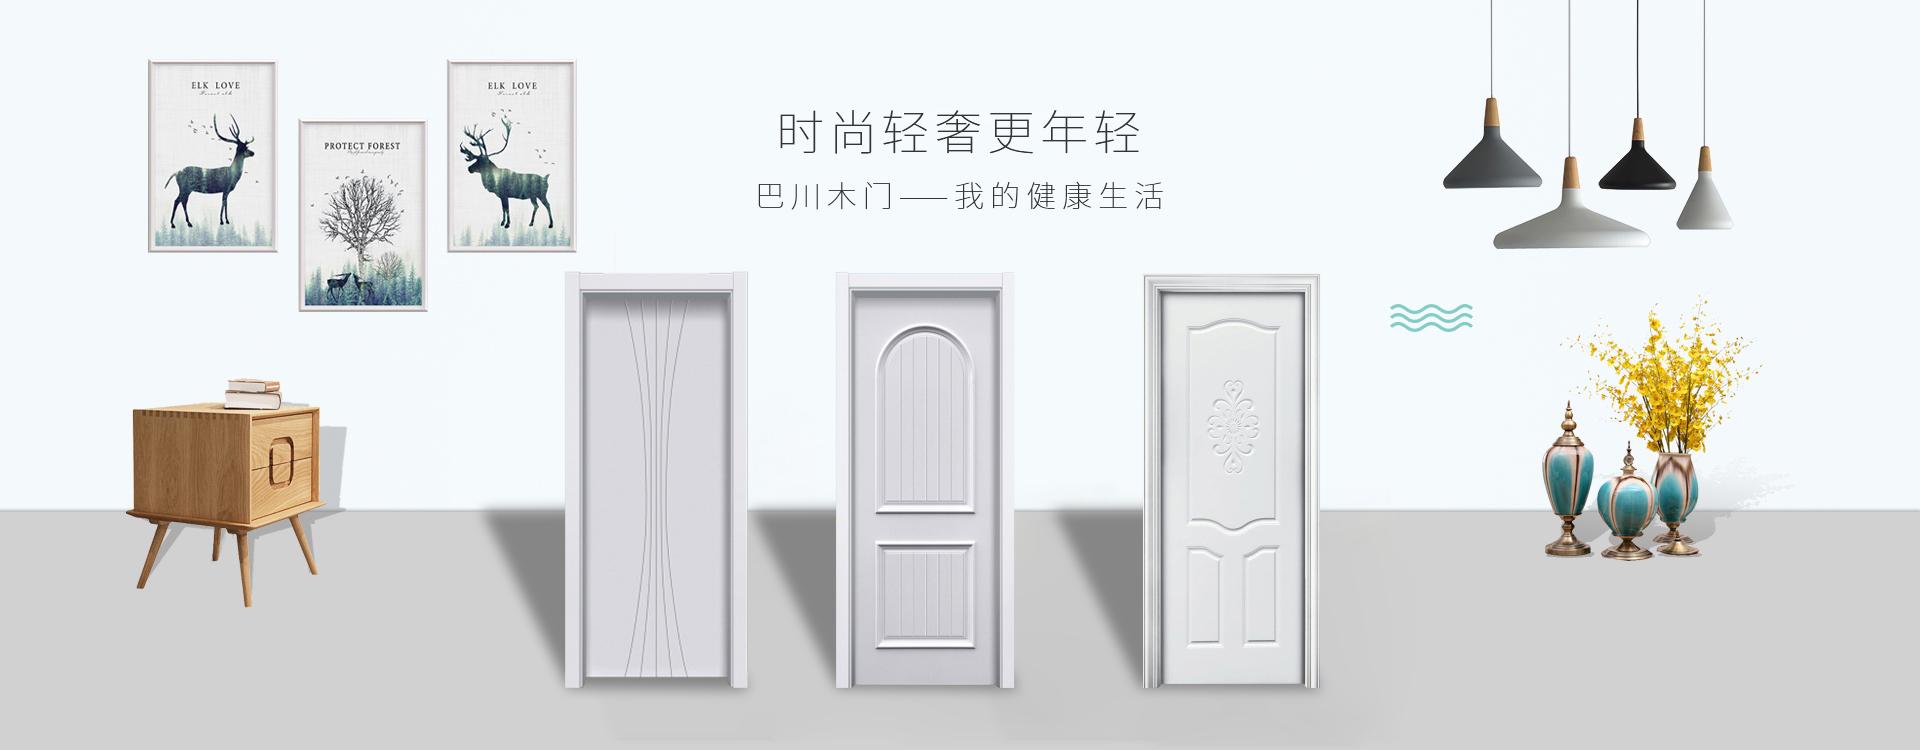 重庆室内套装门